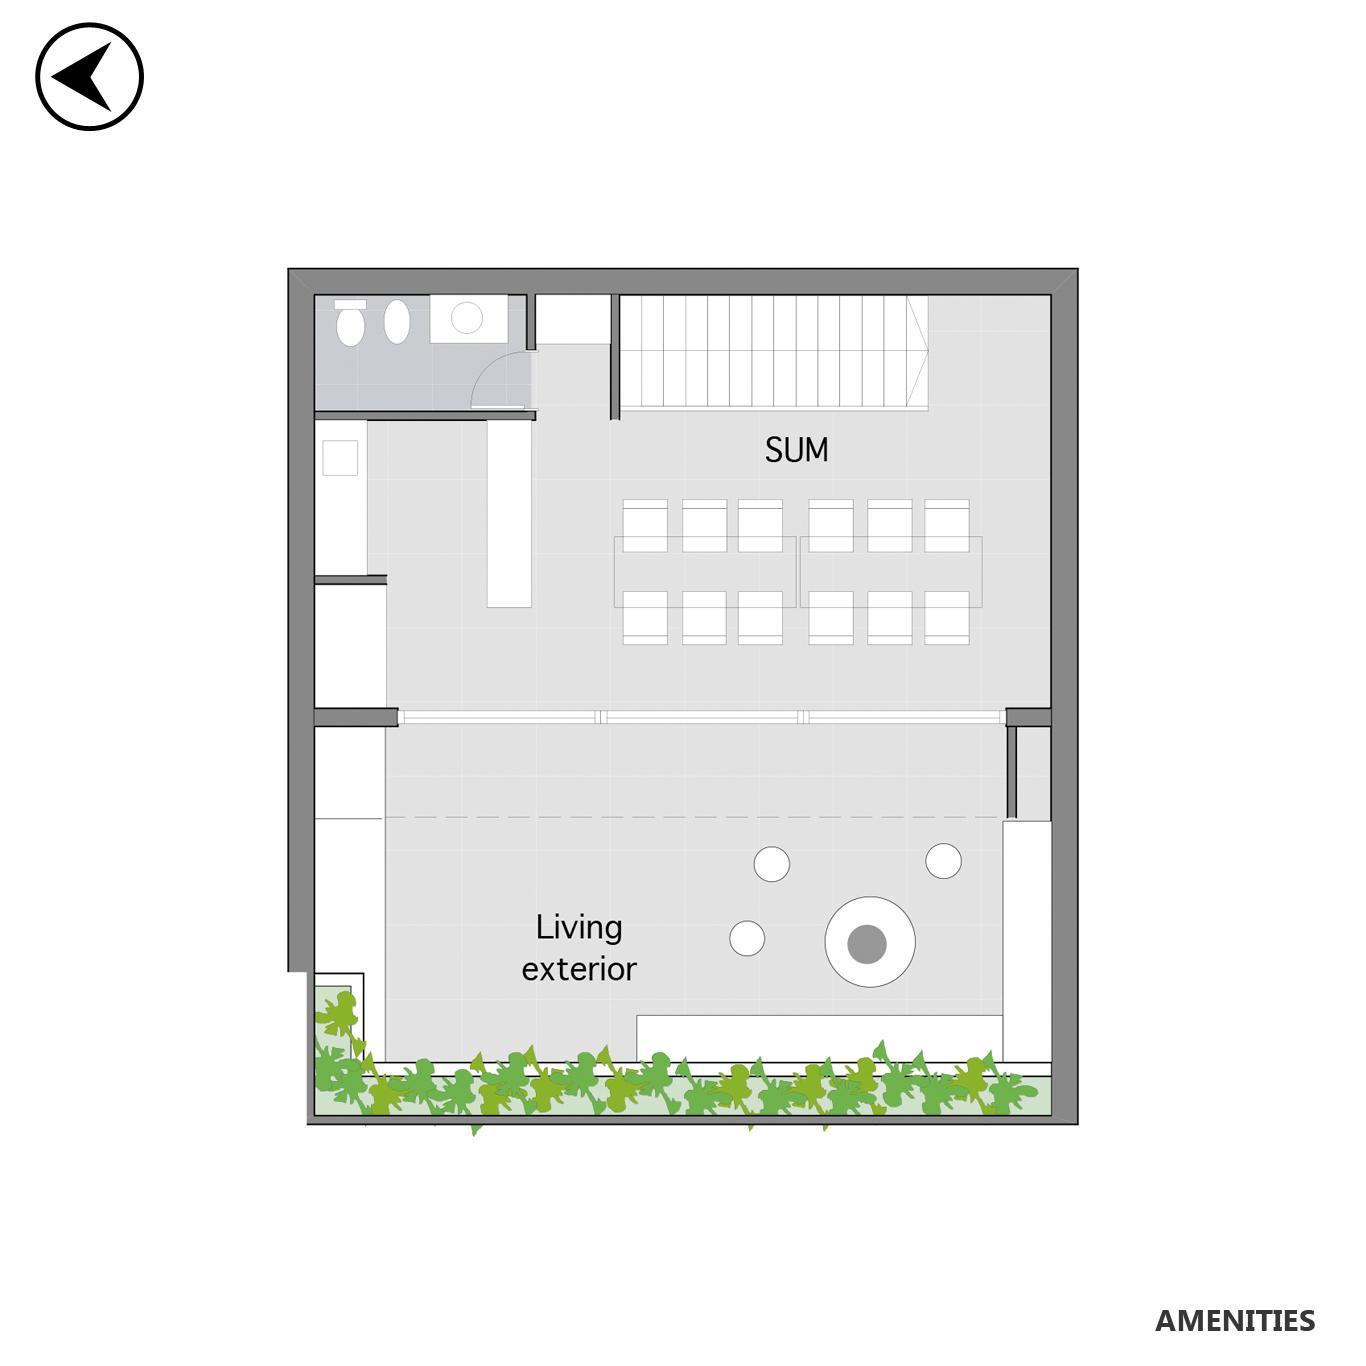 Venta departamento monoambiente Rosario, Martin. Cod CBU24537 AP2285331. Crestale Propiedades